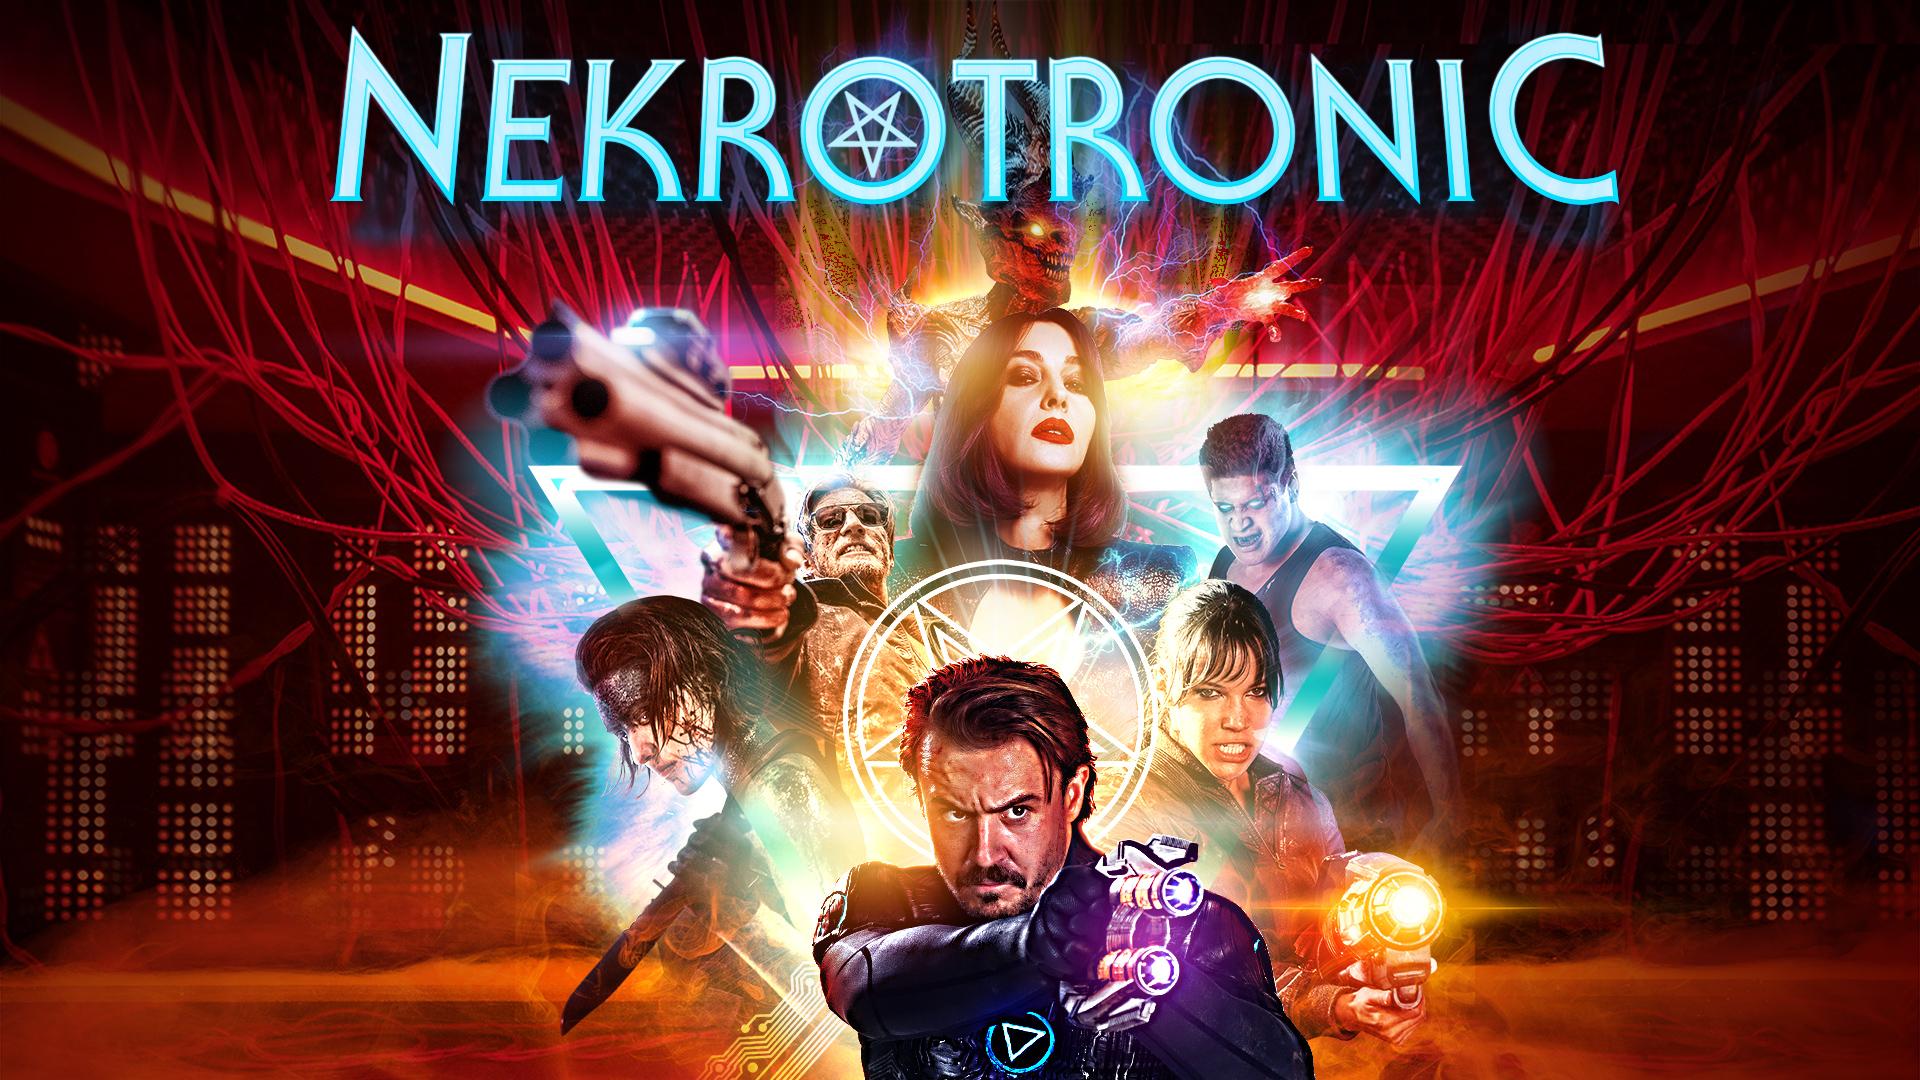 Nekrotronic